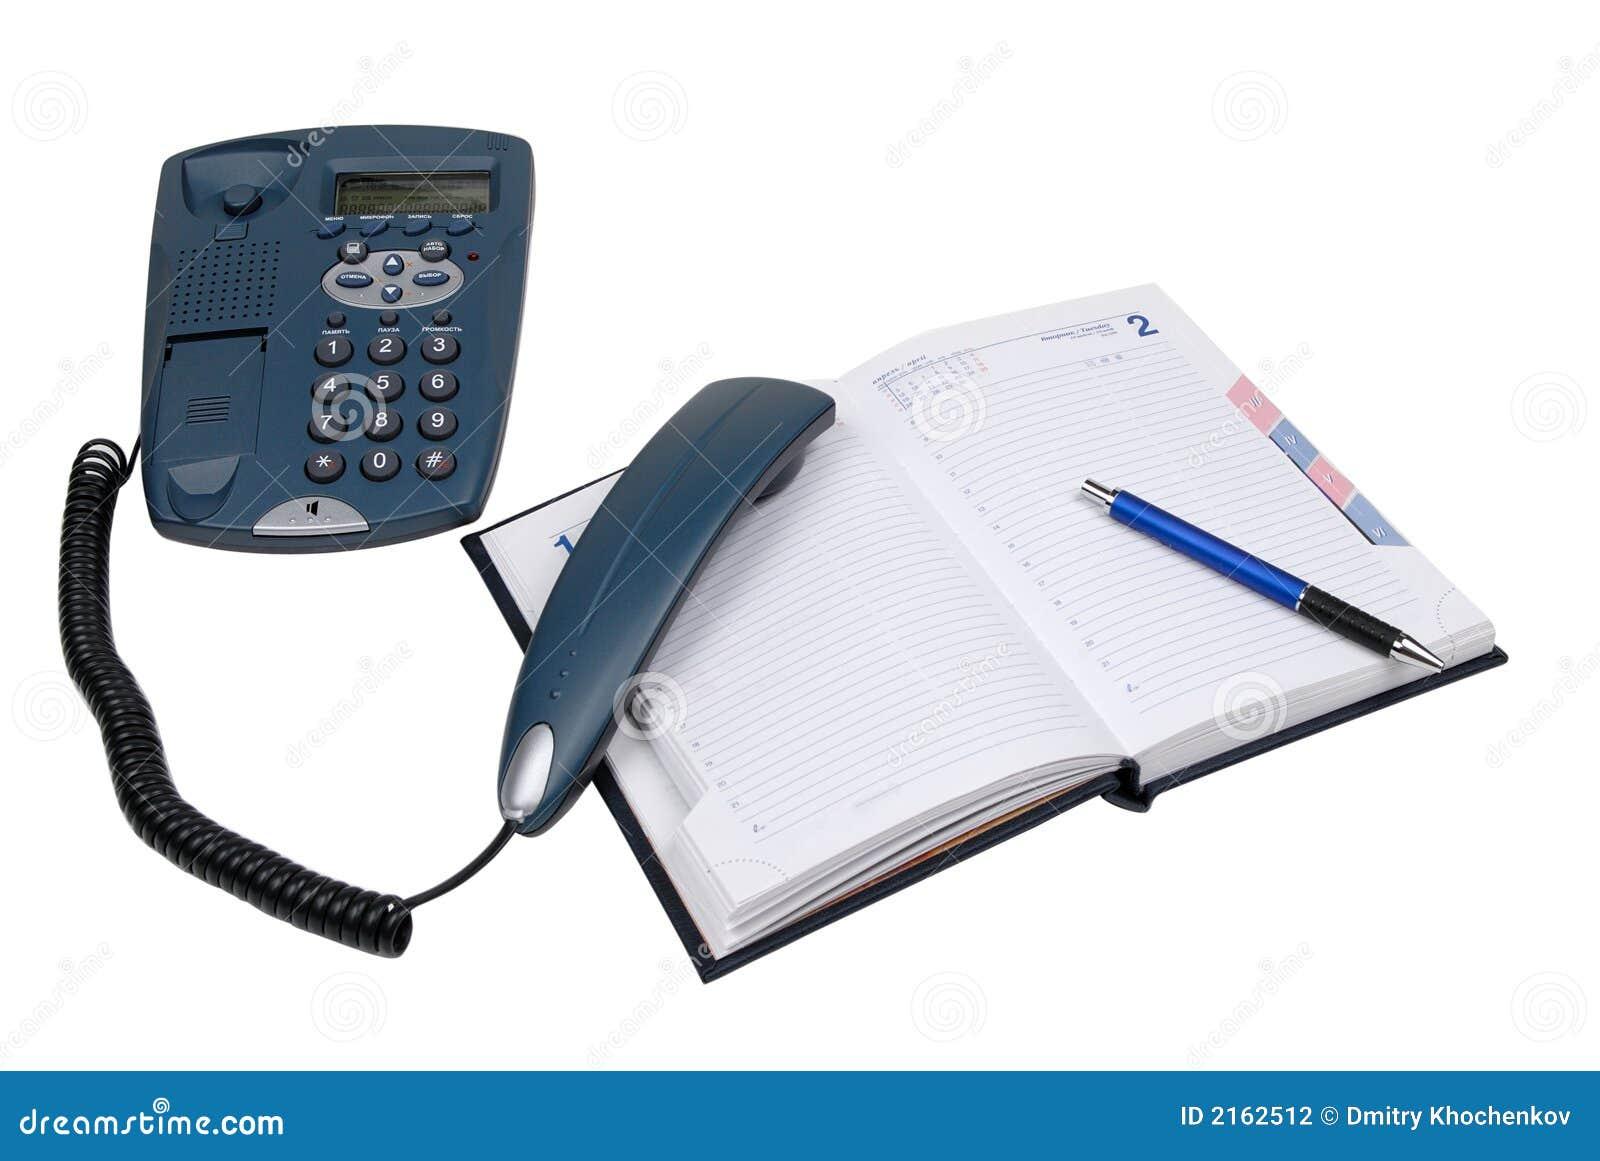 Podnieść rurę pamiętnik telefoniczna